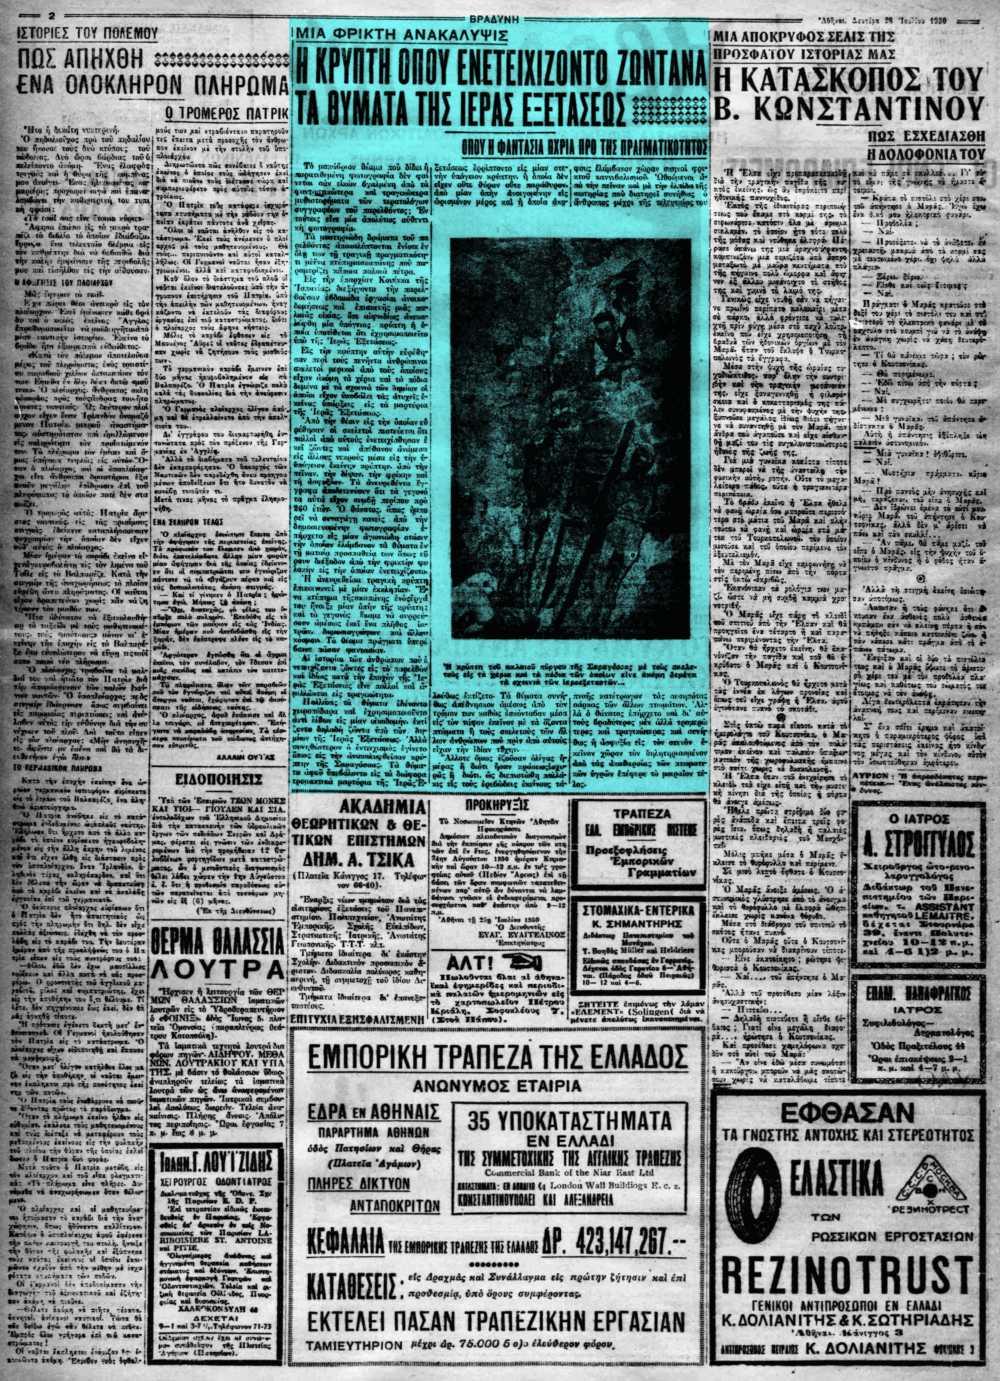 """Το άρθρο, όπως δημοσιεύθηκε στην εφημερίδα """"Η ΒΡΑΔΥΝΗ"""", στις 28/07/1930"""